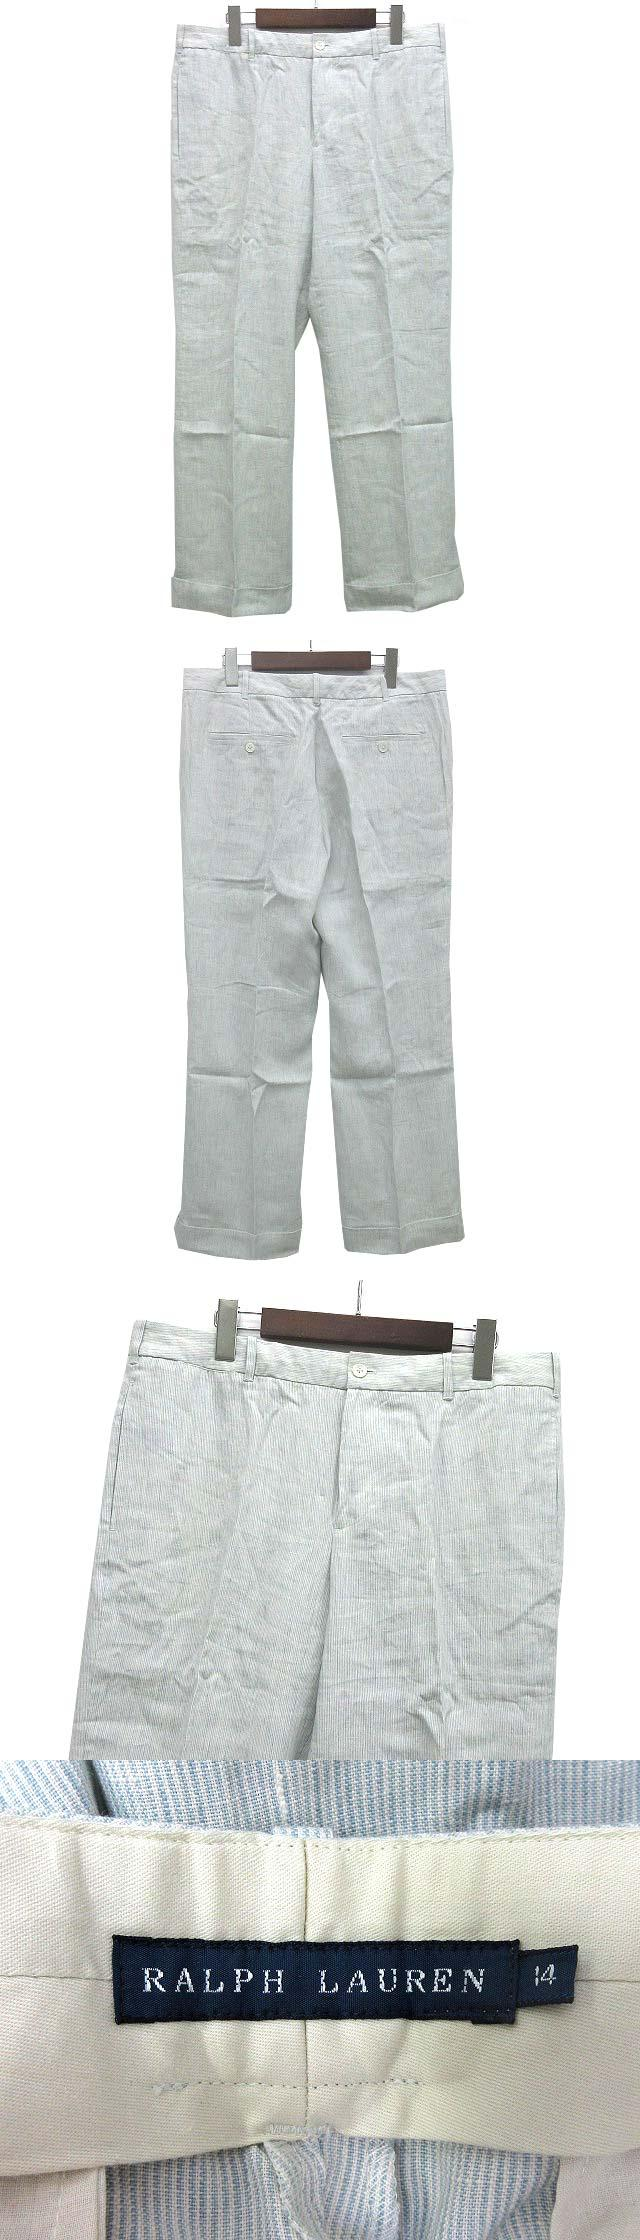 リネン ワイド パンツ スラックス ストライプ サックス 14 大きいサイズ